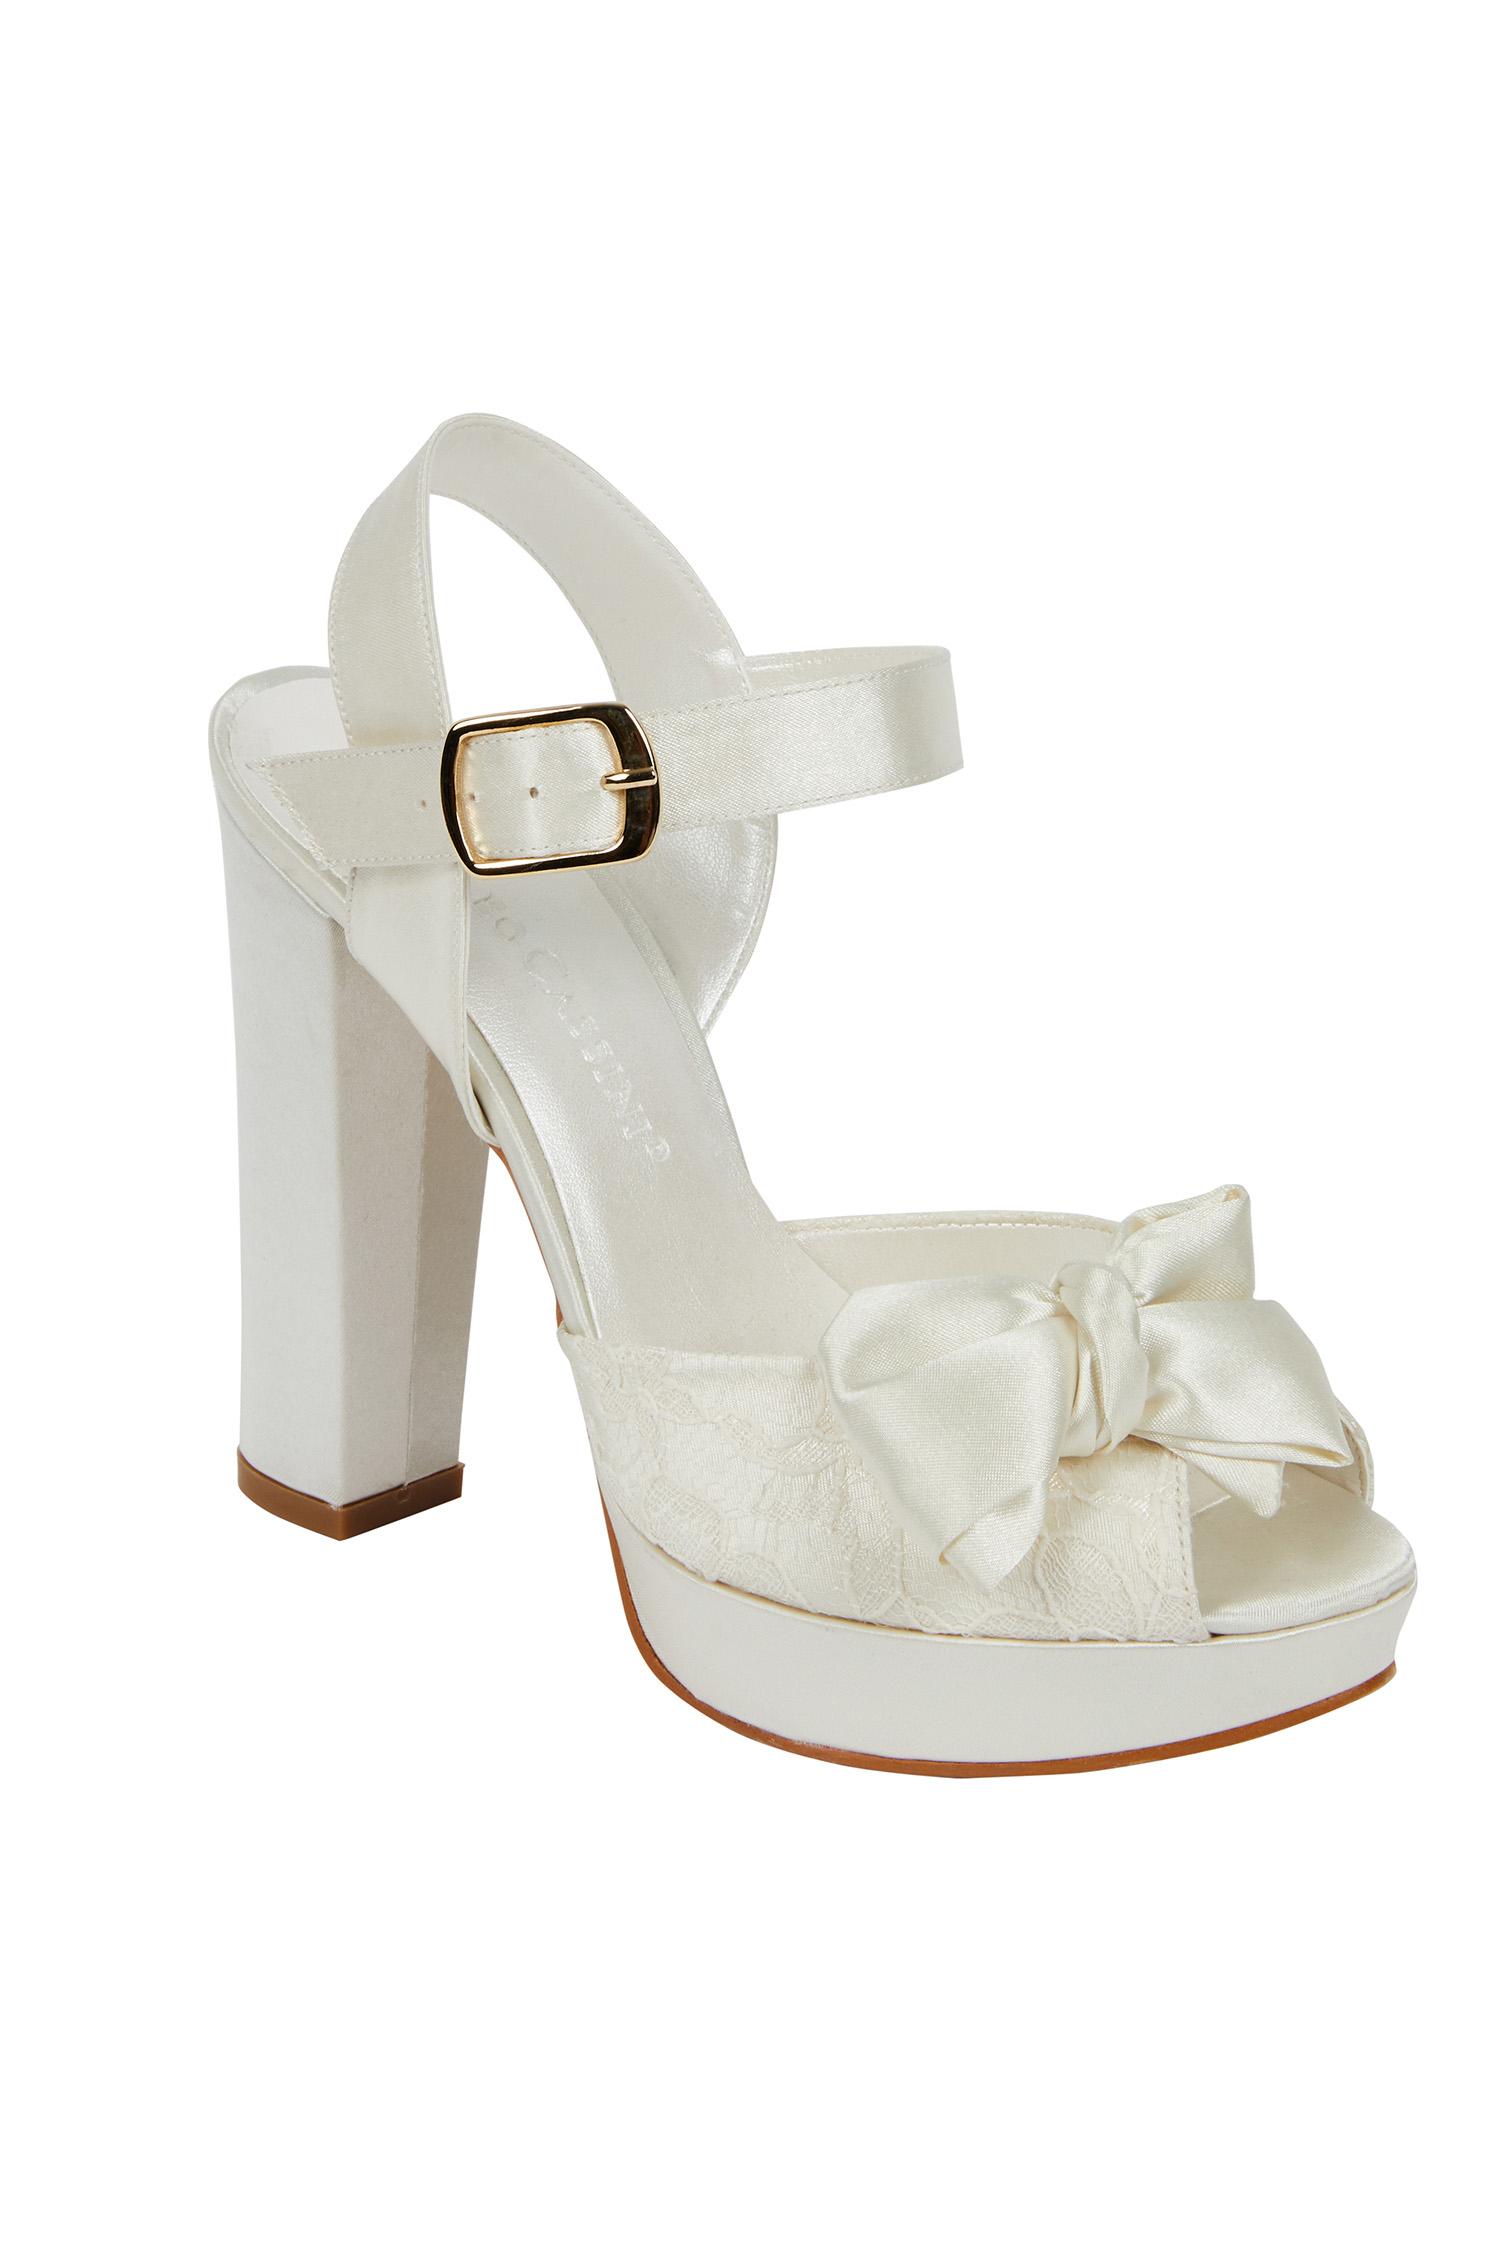 Bilekten Bağlı Kırık Beyaz Topuklu Gelin Ayakkabısı